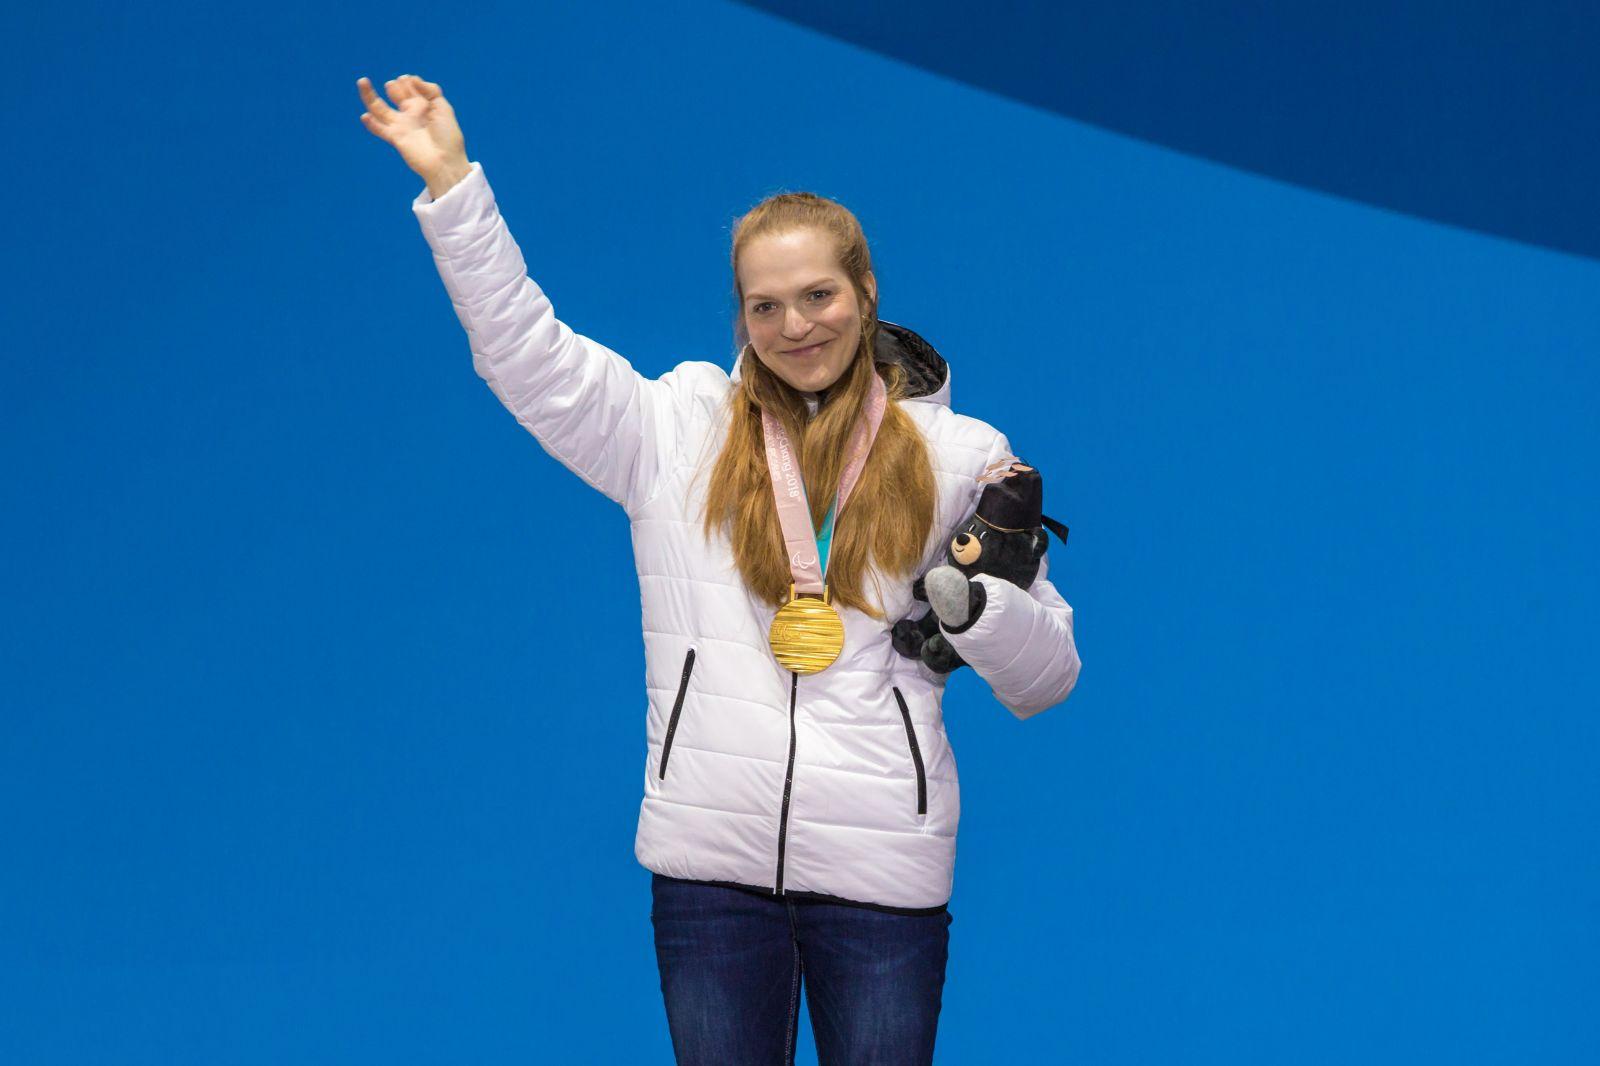 Екатерина Румянцева признана лучшей спортсменкой по итогам XII Паралимпийских зимних игр 2018 года в г. Пхенчхан (Республика Корея) по версии Международного паралимпийского комитета